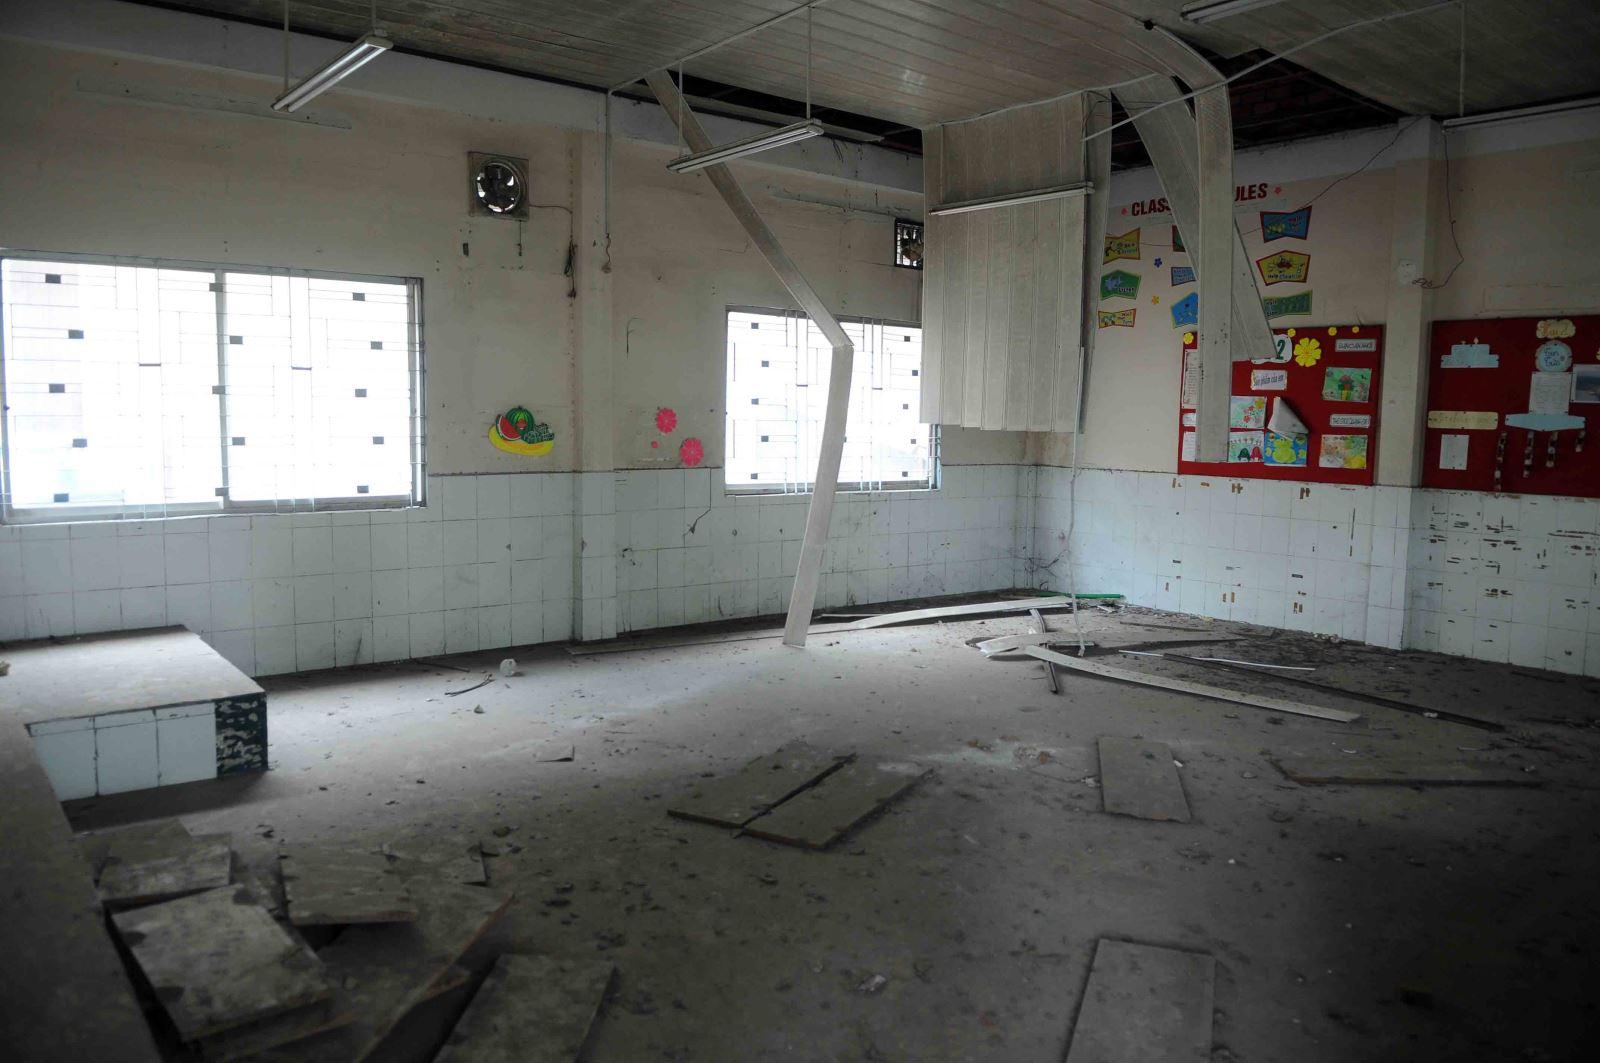 Học sinh phải đi học nhờ, trường thì bỏ hoang gần 3 năm Ảnh 4